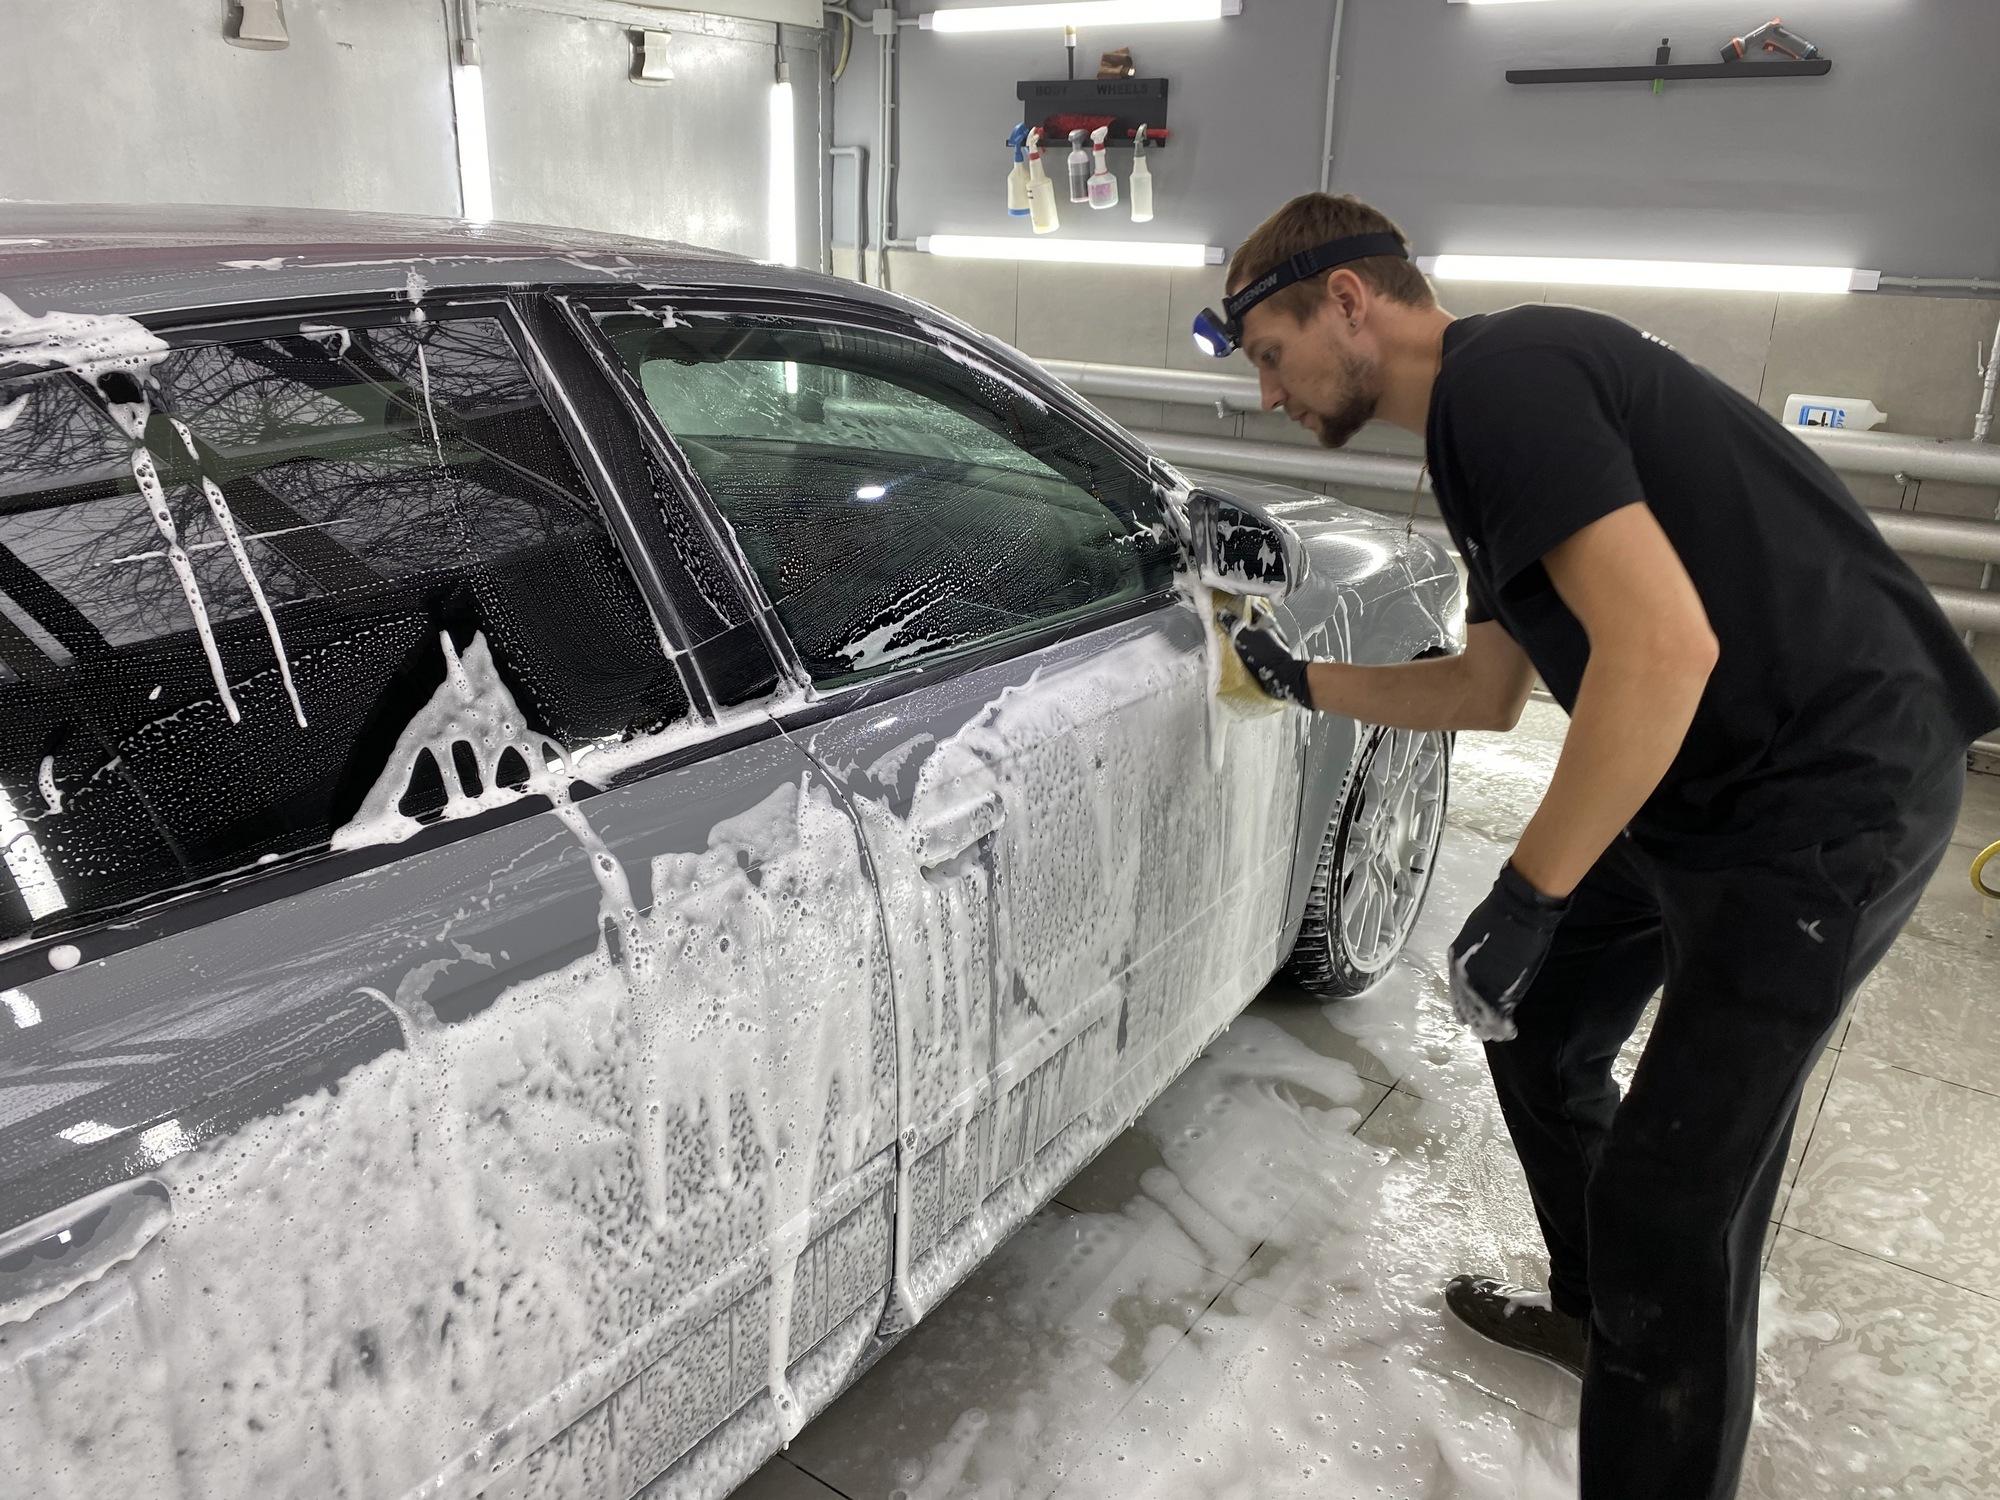 Смотреть на фото, как правильно мыть машину вручную.